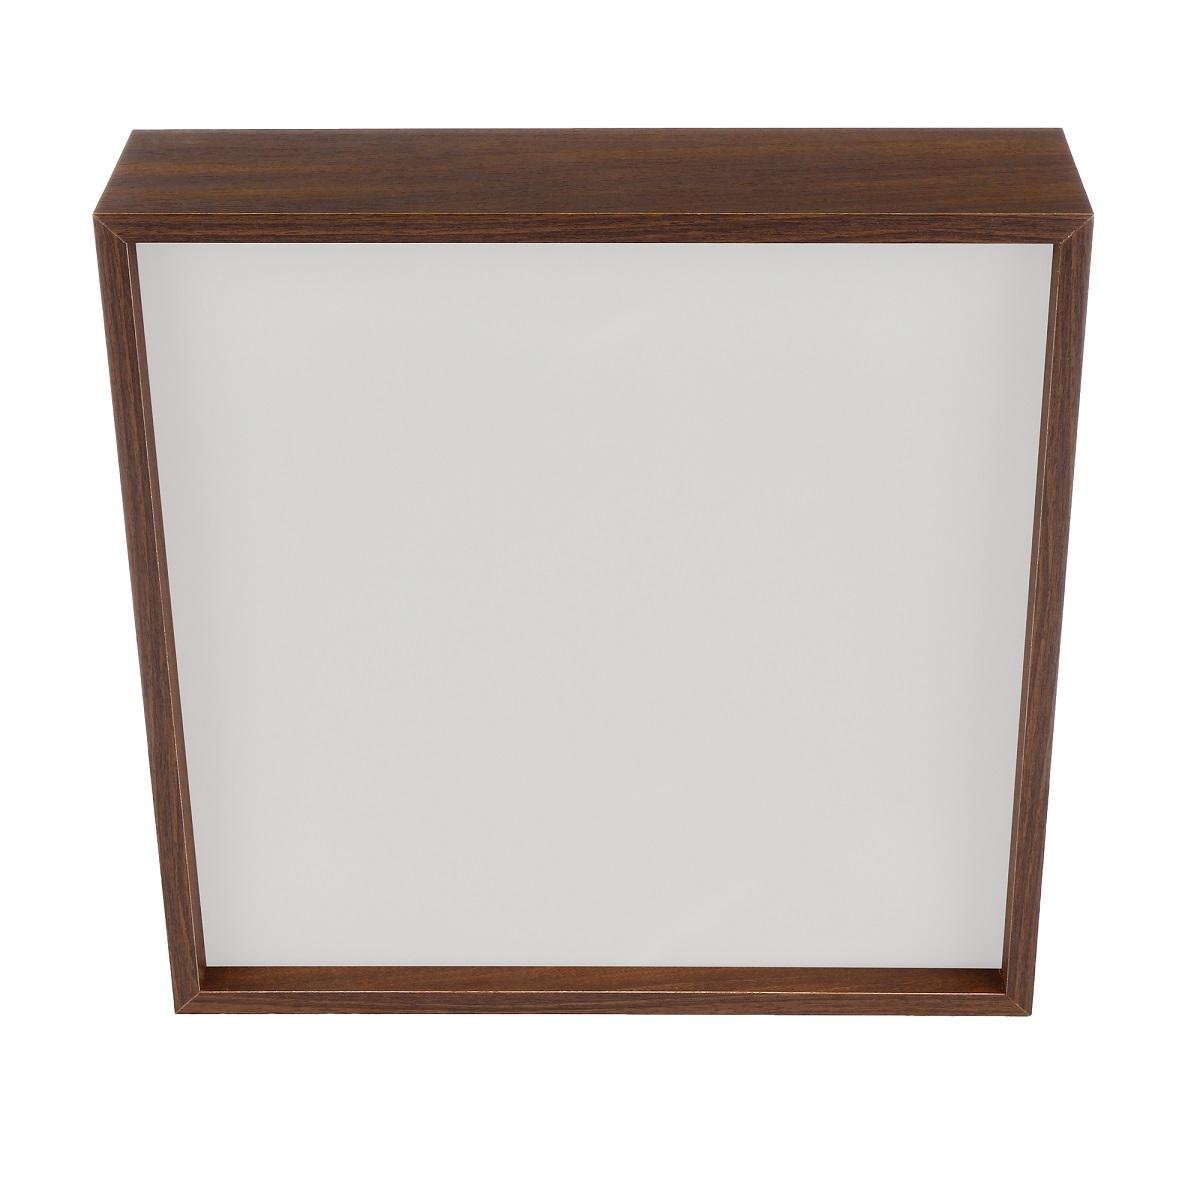 Plafon Quadrado Madeira 60x60cm